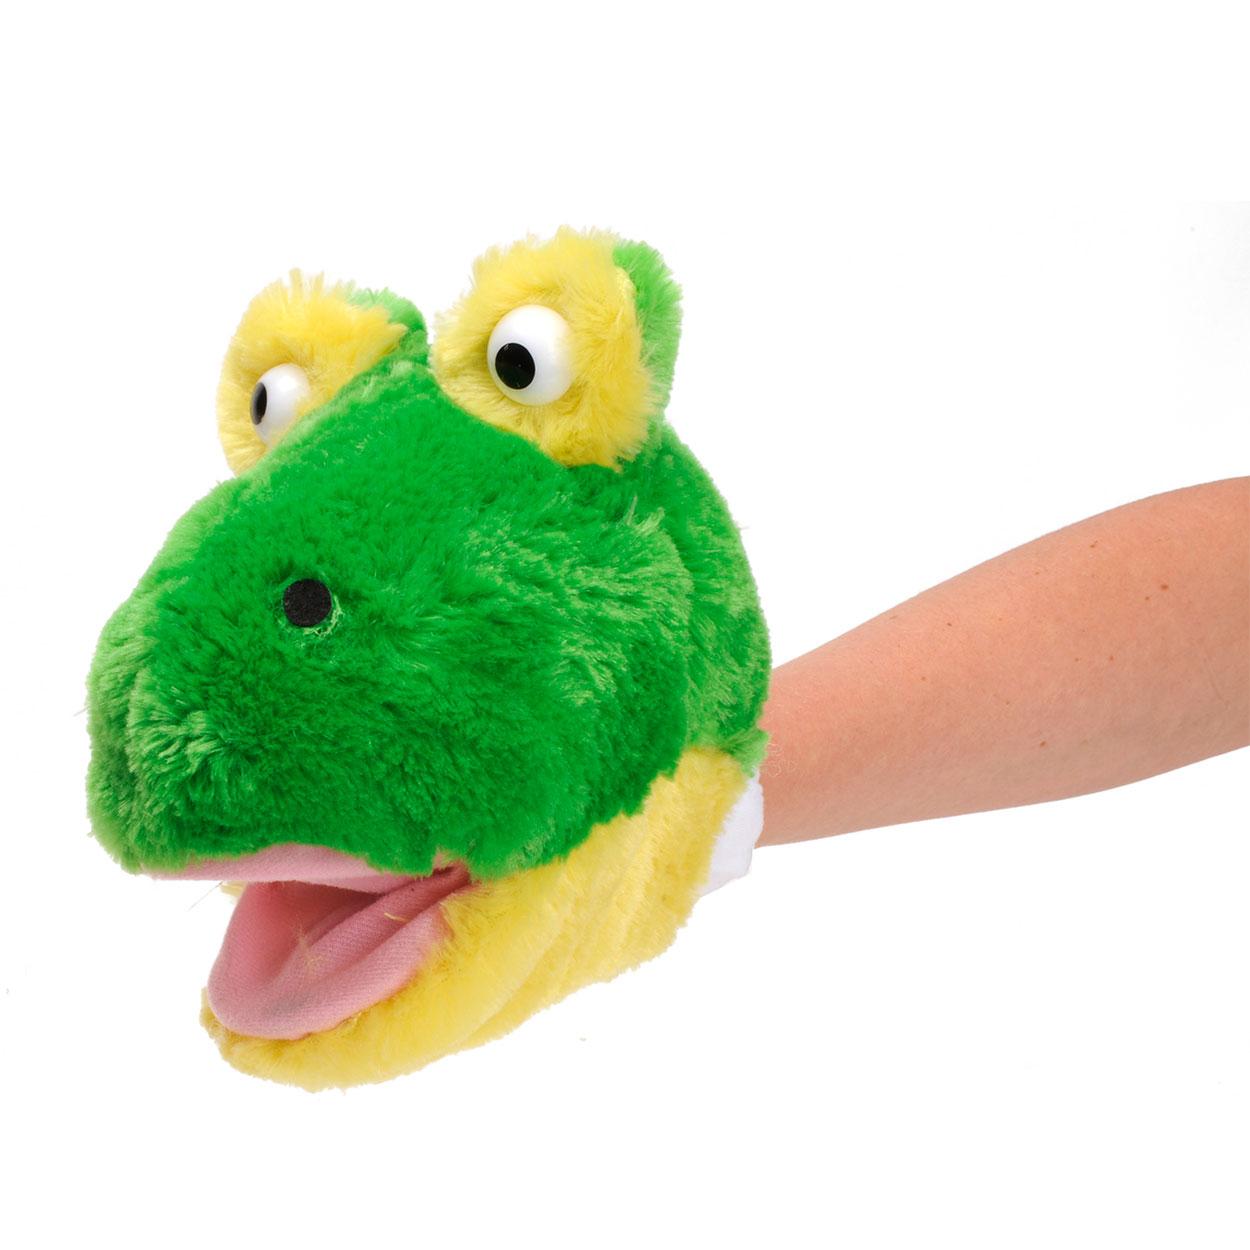 64a4a6a740fea1 Handpop Pluche Kikker online kopen | Lobbes Speelgoed